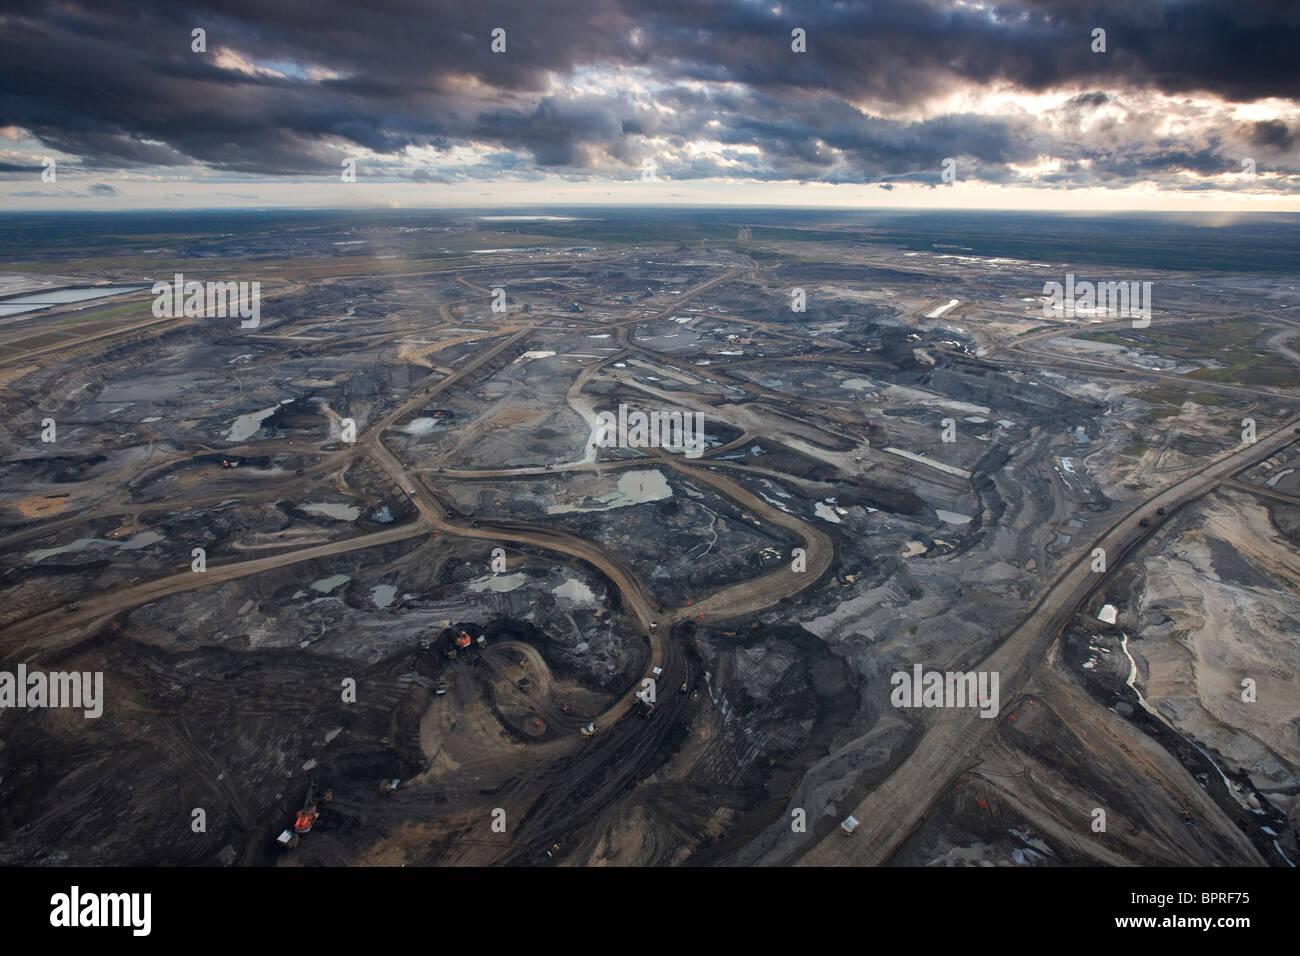 Syncrude Aurora Oil Sands Mine, Canada. - Stock Image